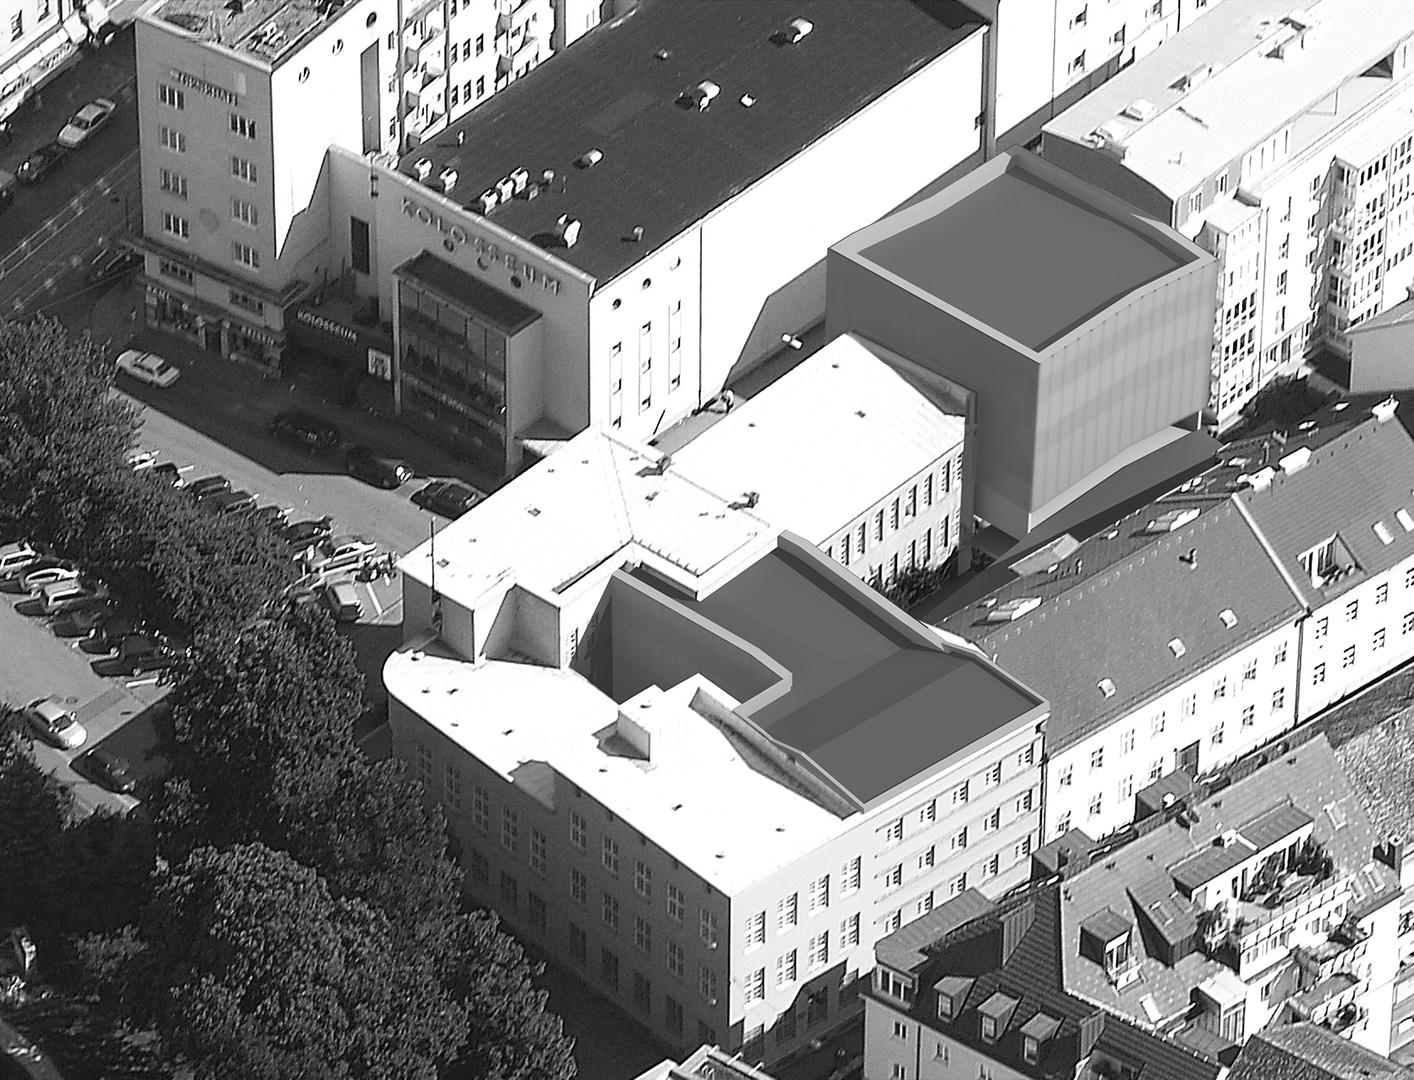 Oberösterreichische Landesbibliothek, Linz | Sauerzapfe Architekten